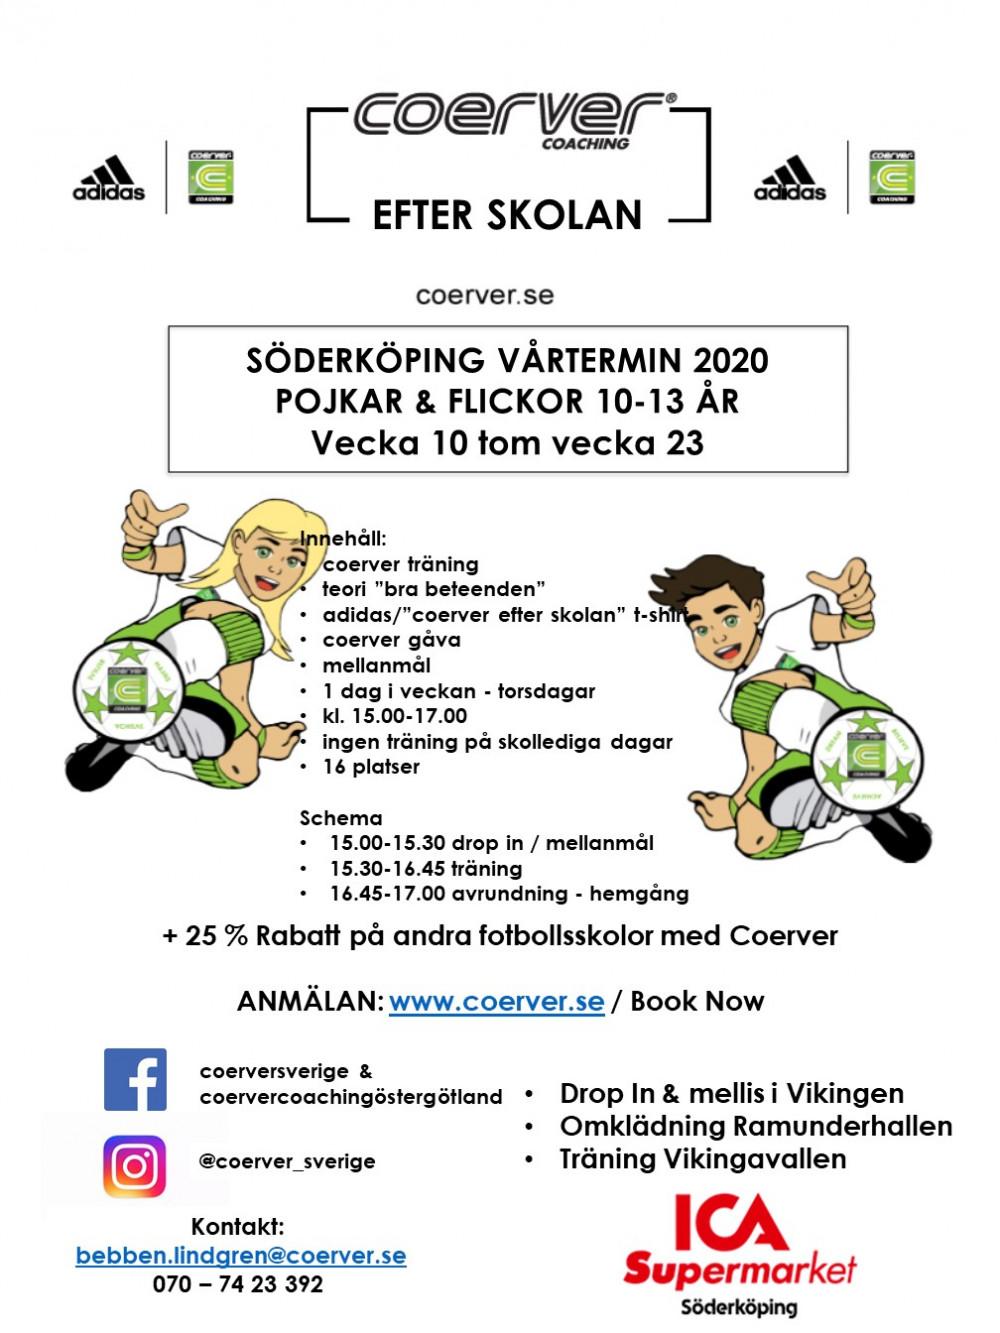 Coerver Efter Skolan Söderköping Vår 2020